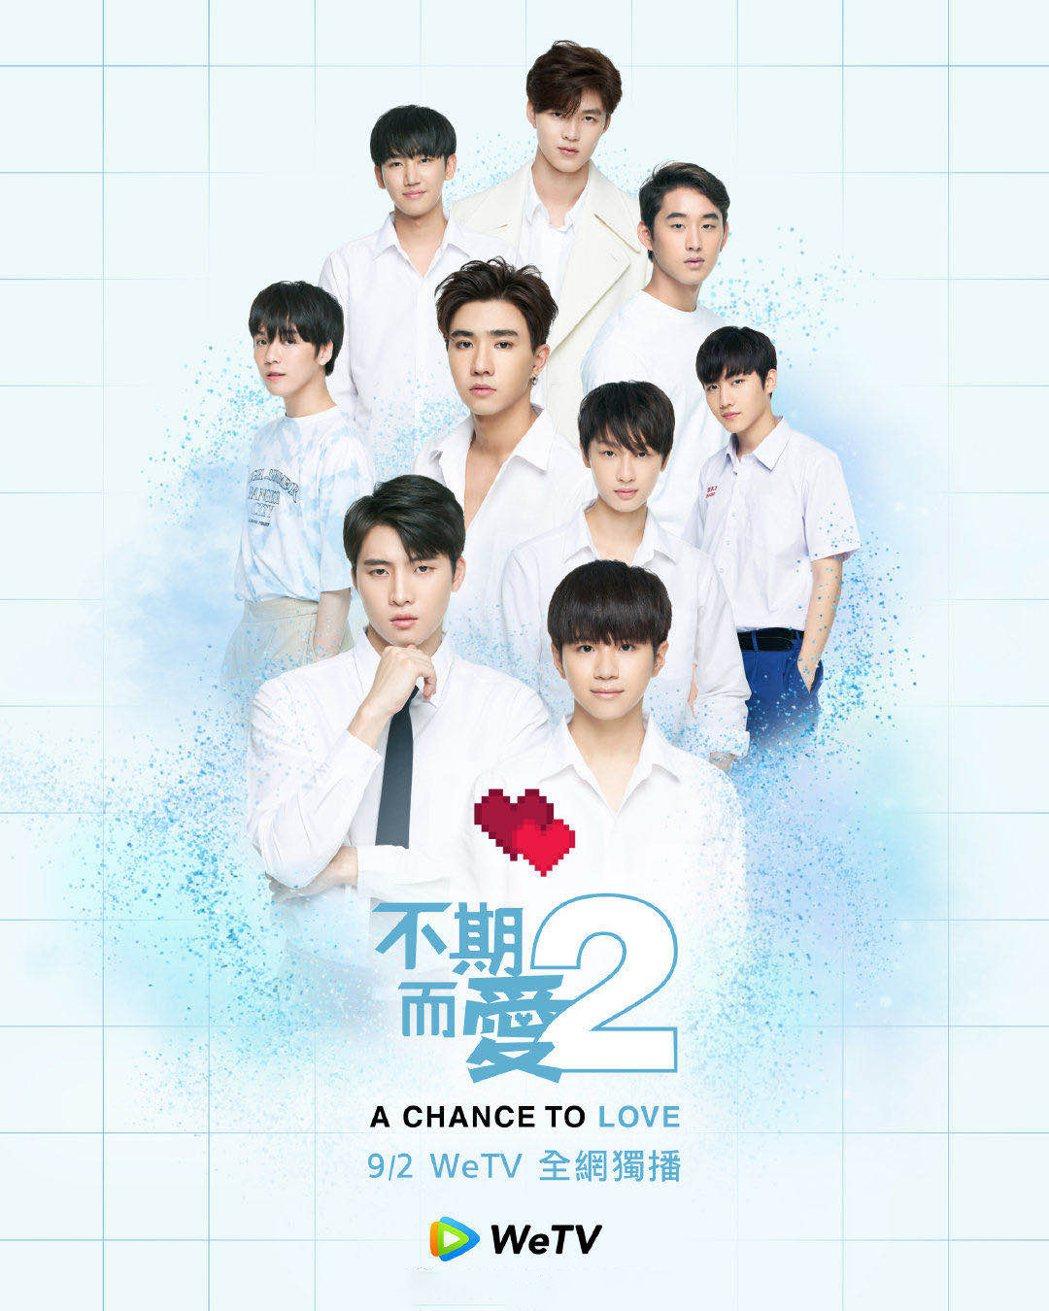 洪天逸(前排左起)、林樂傑主演泰劇「不期而愛2」。圖/摘自WeTV官方微博